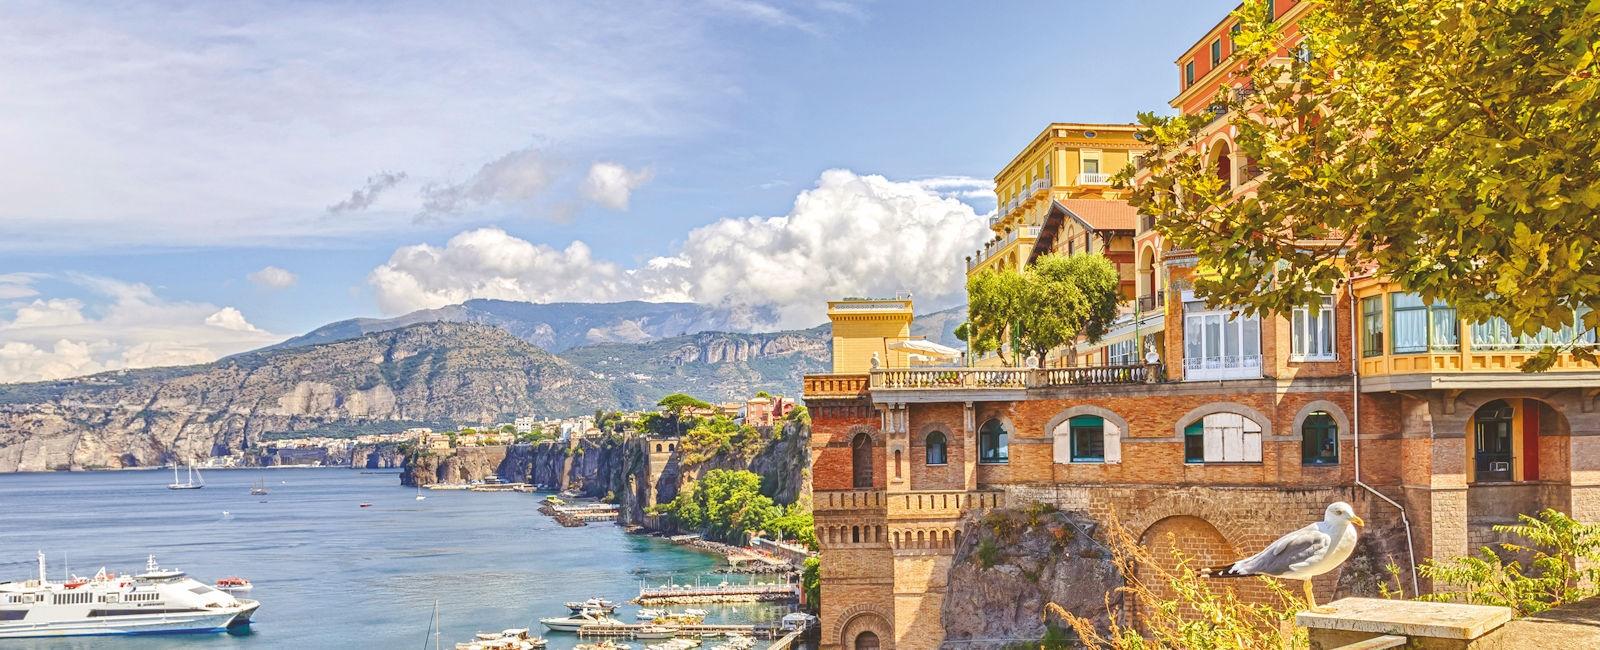 Luxury Sorrento Holidays